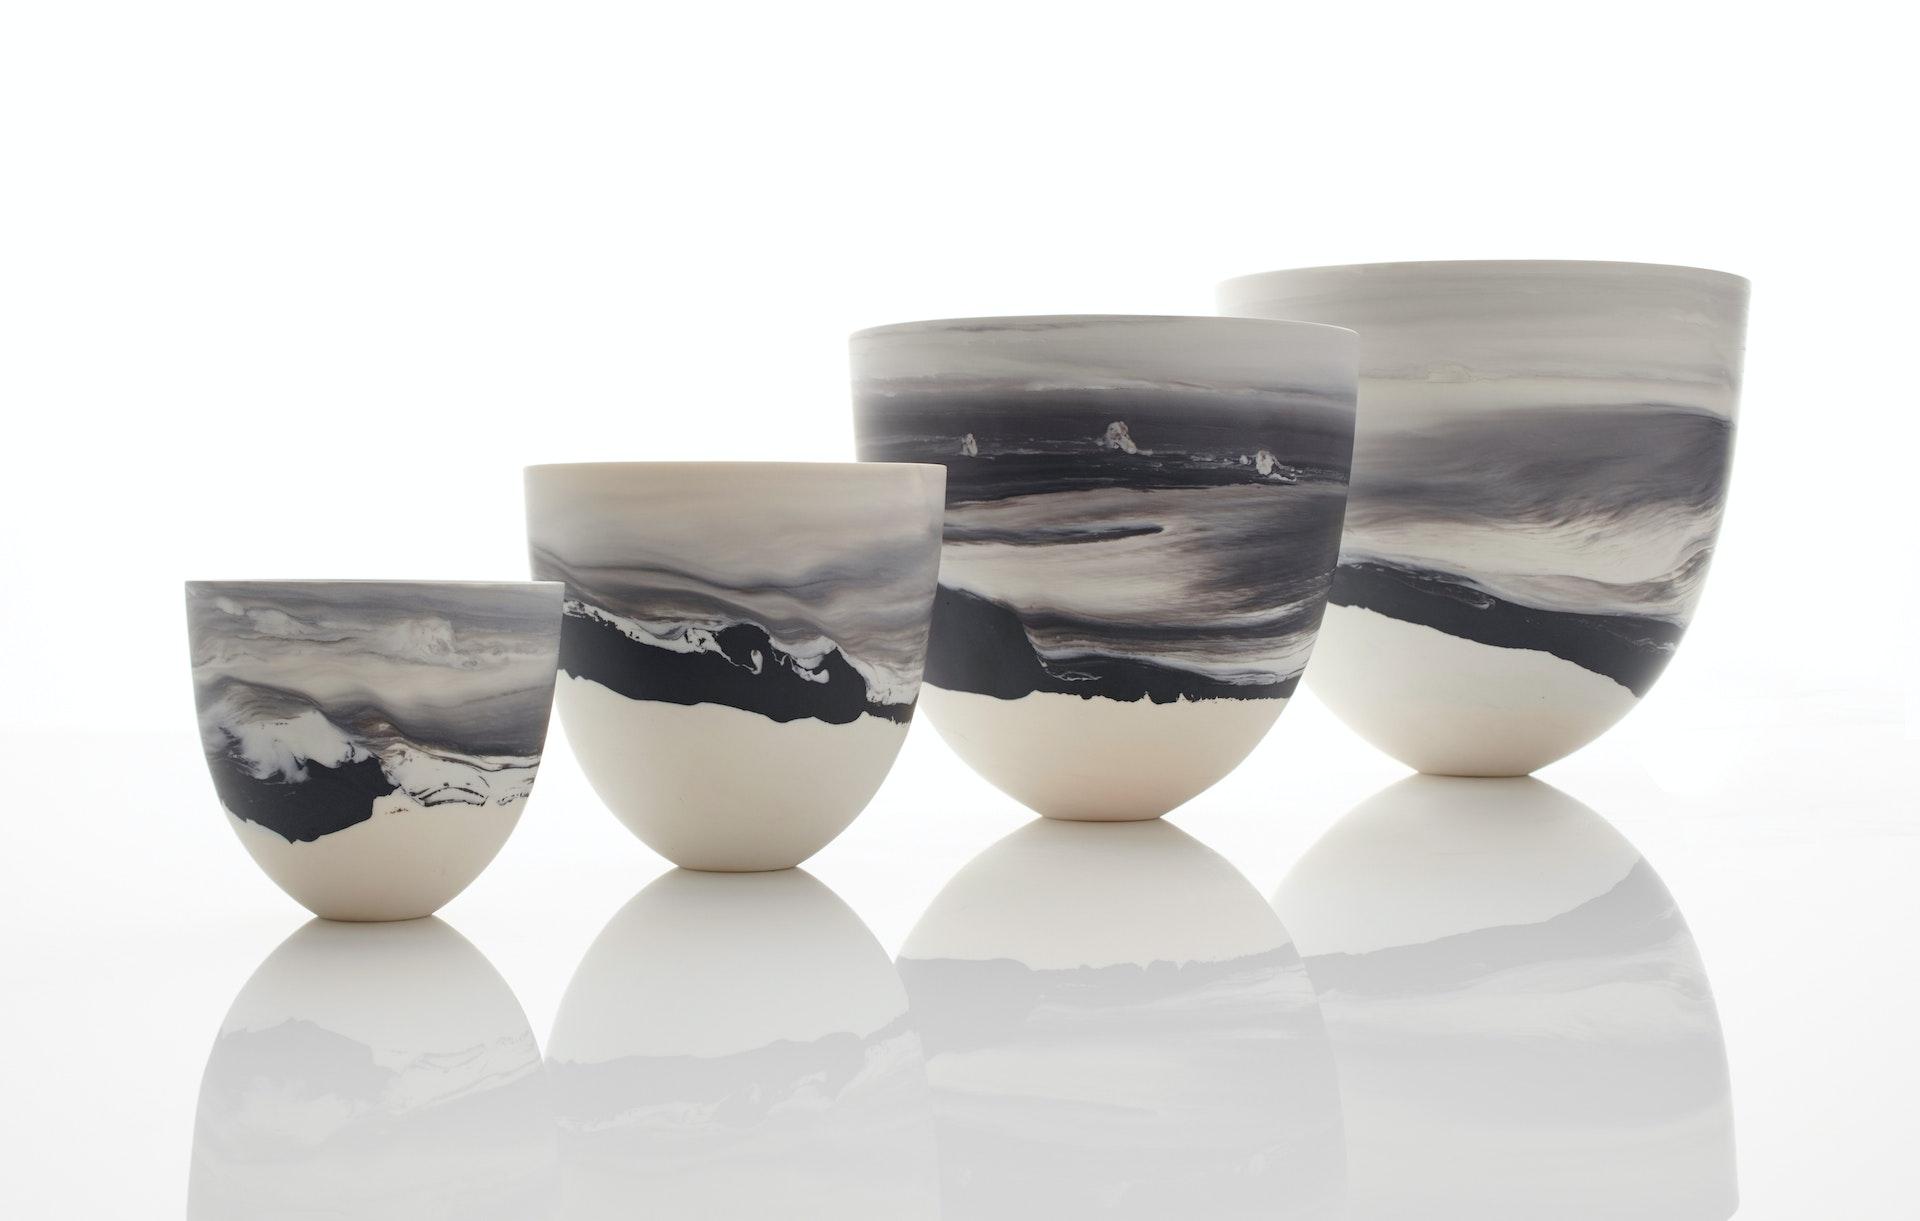 PorcelainTides_1